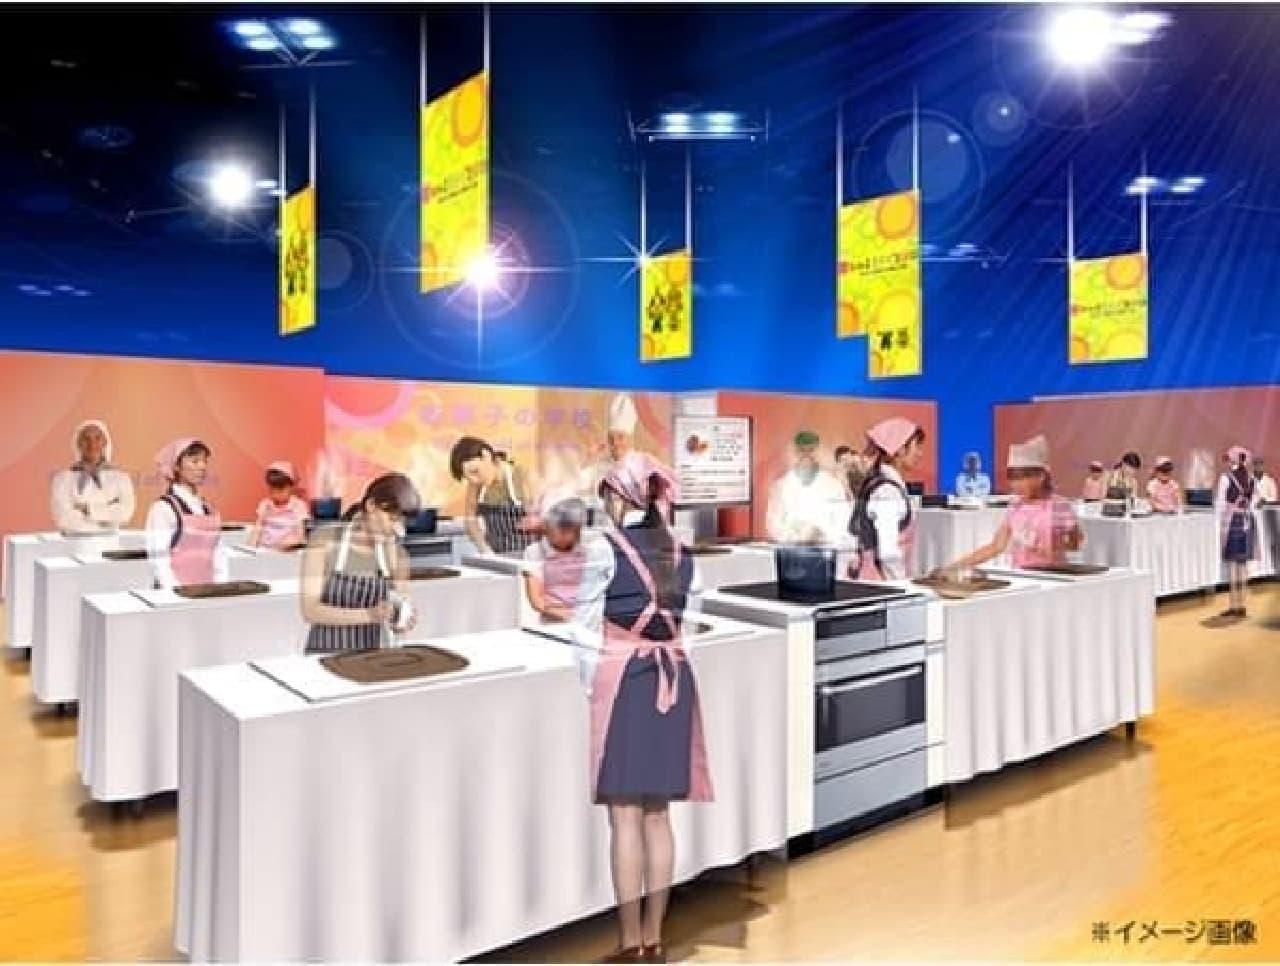 「お菓子の学校」イメージ